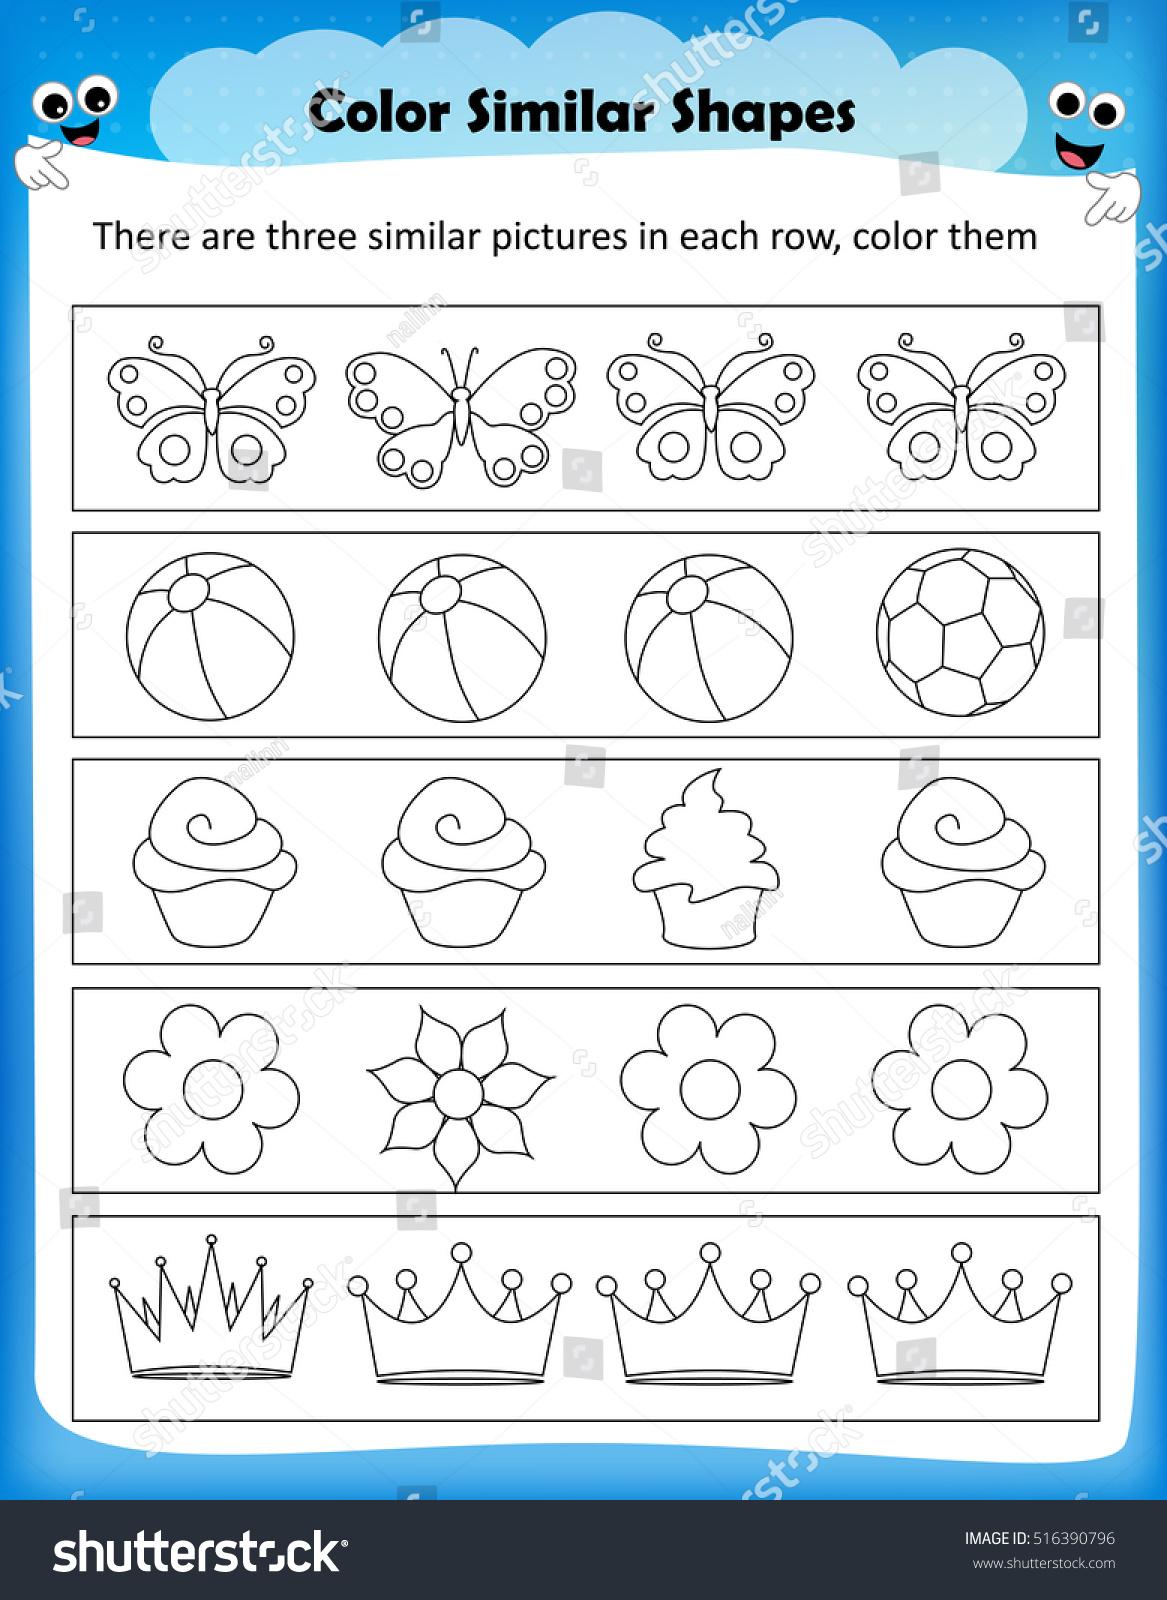 Worksheet Color Similar Shapes Kids Worksheet Stock Vector